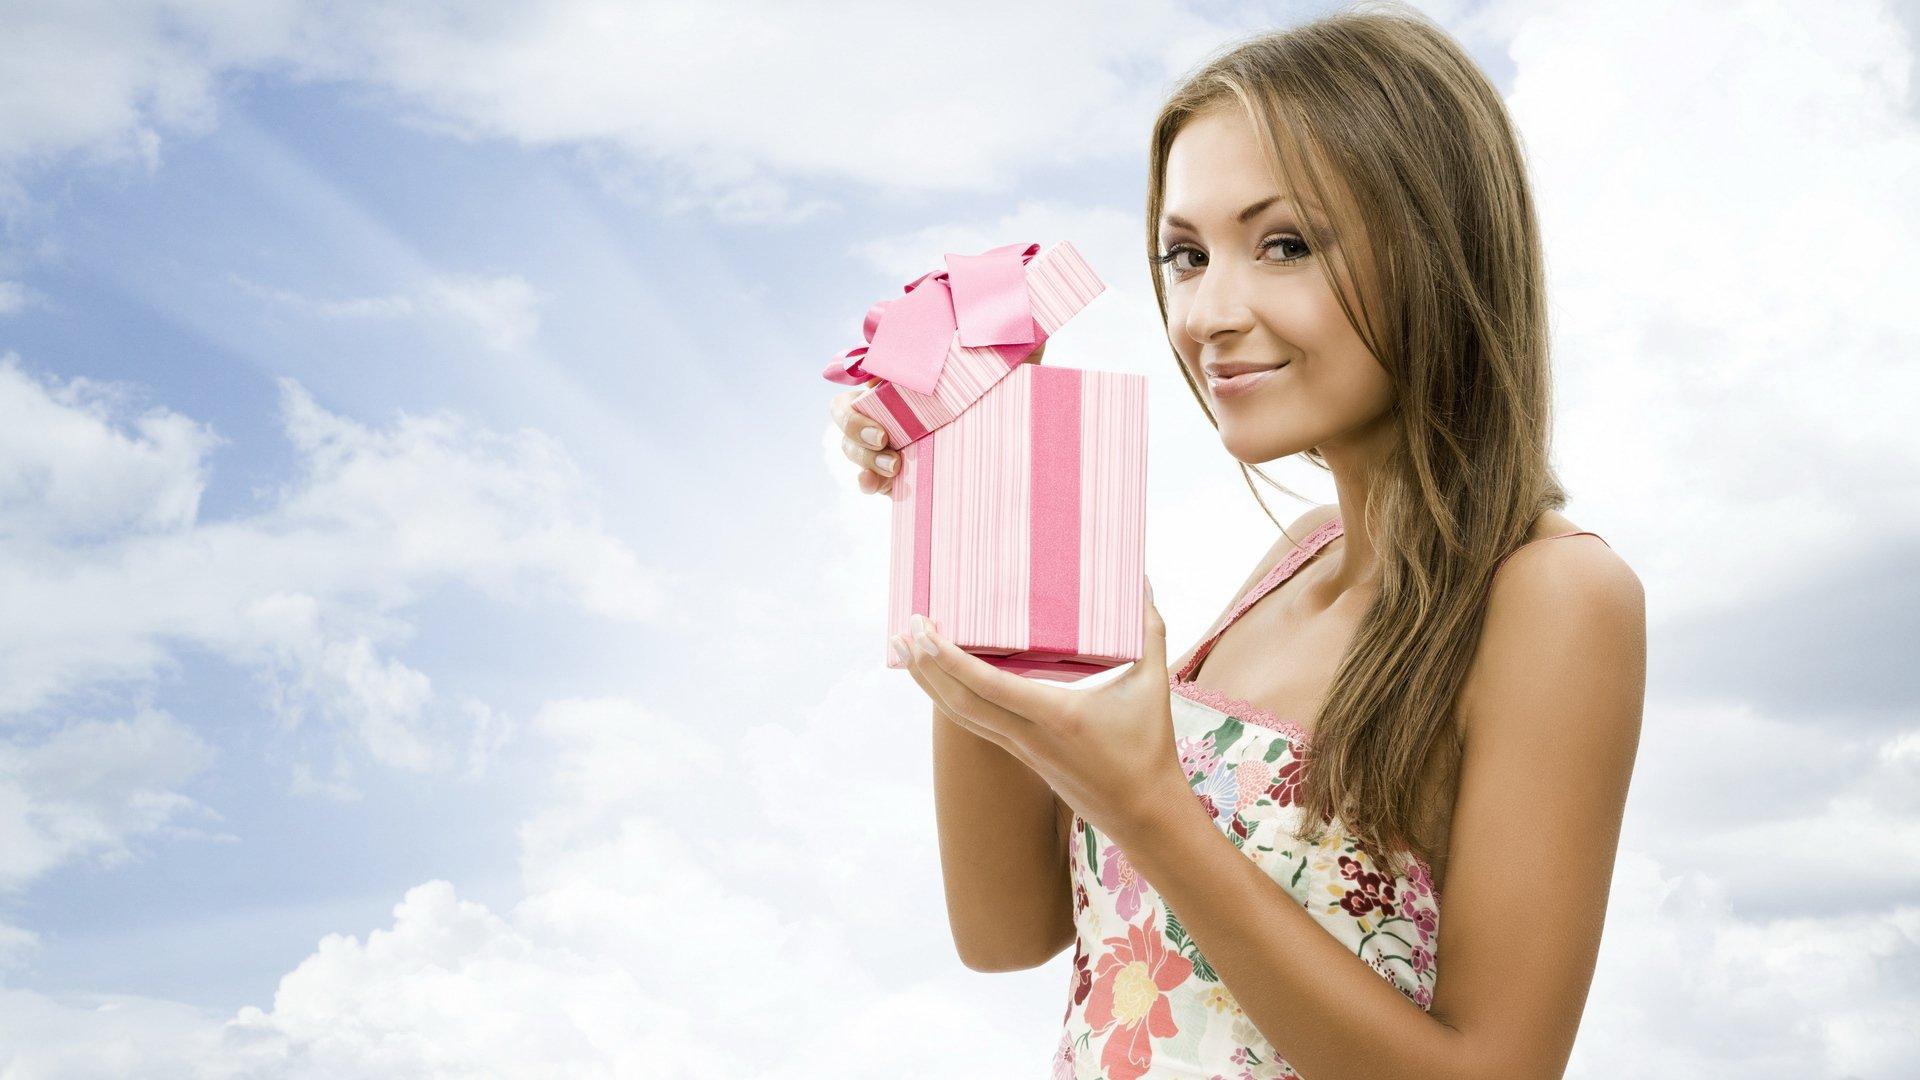 Фото девушек с подарком 13